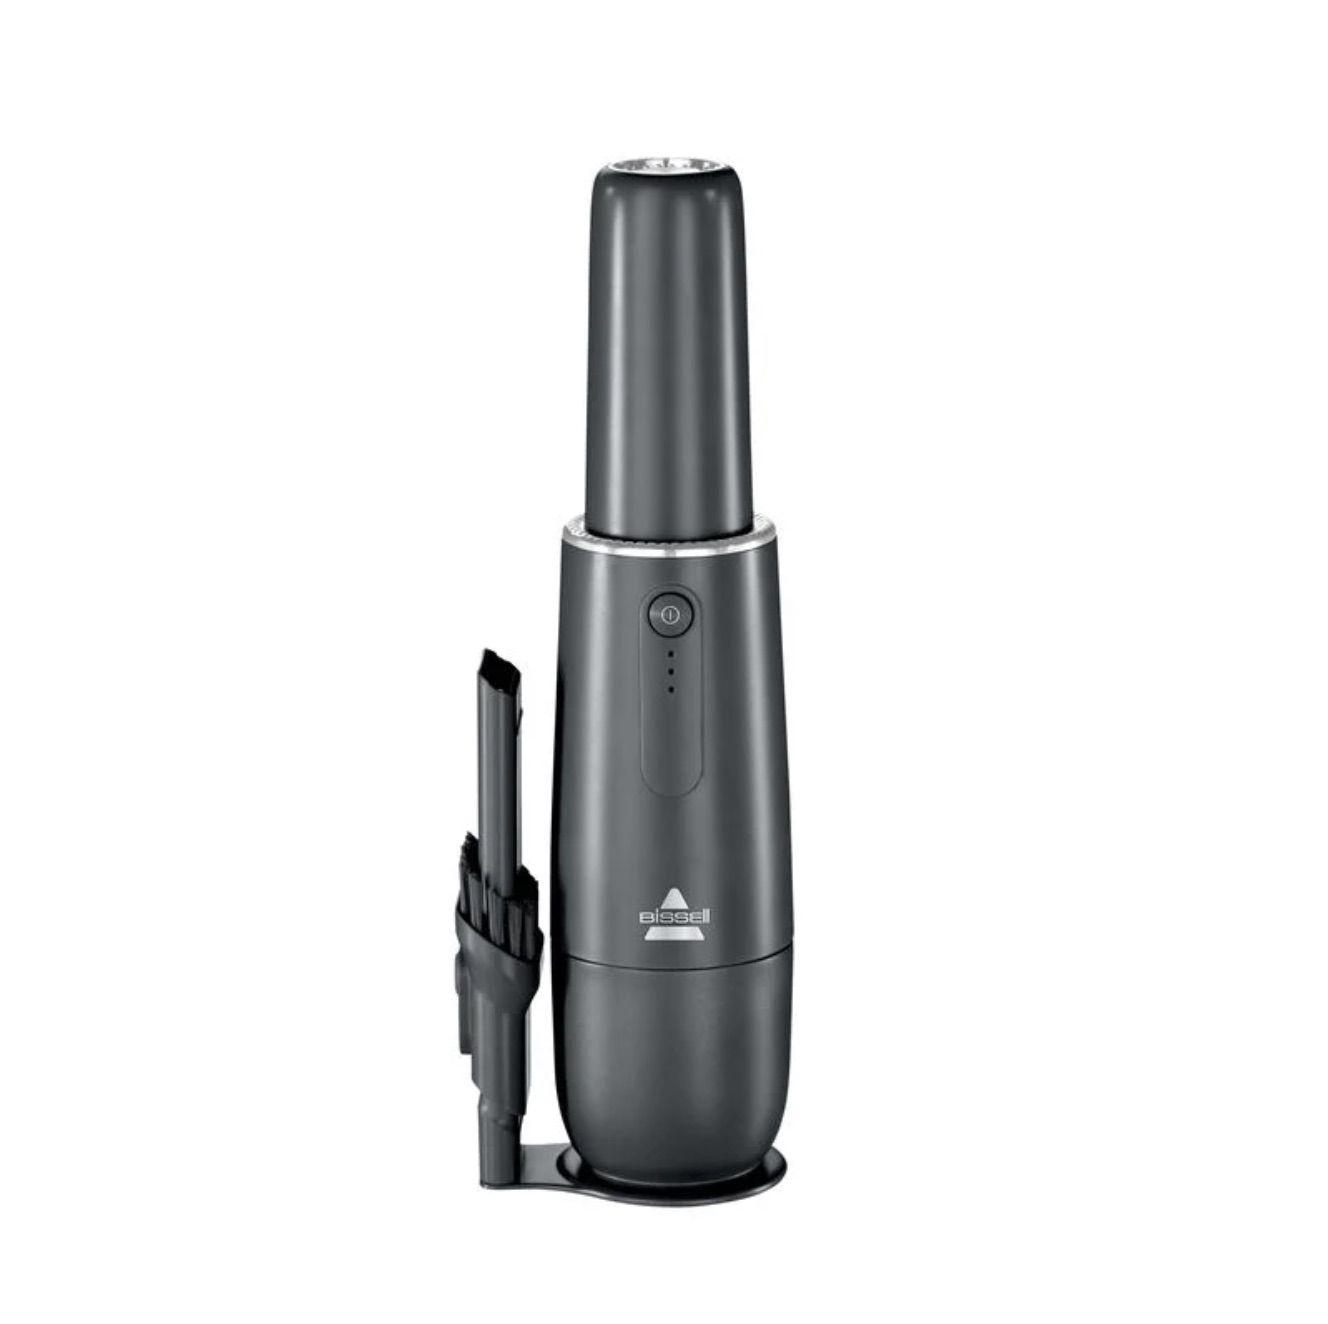 BISSELL AeroSlim Hand Vacuum